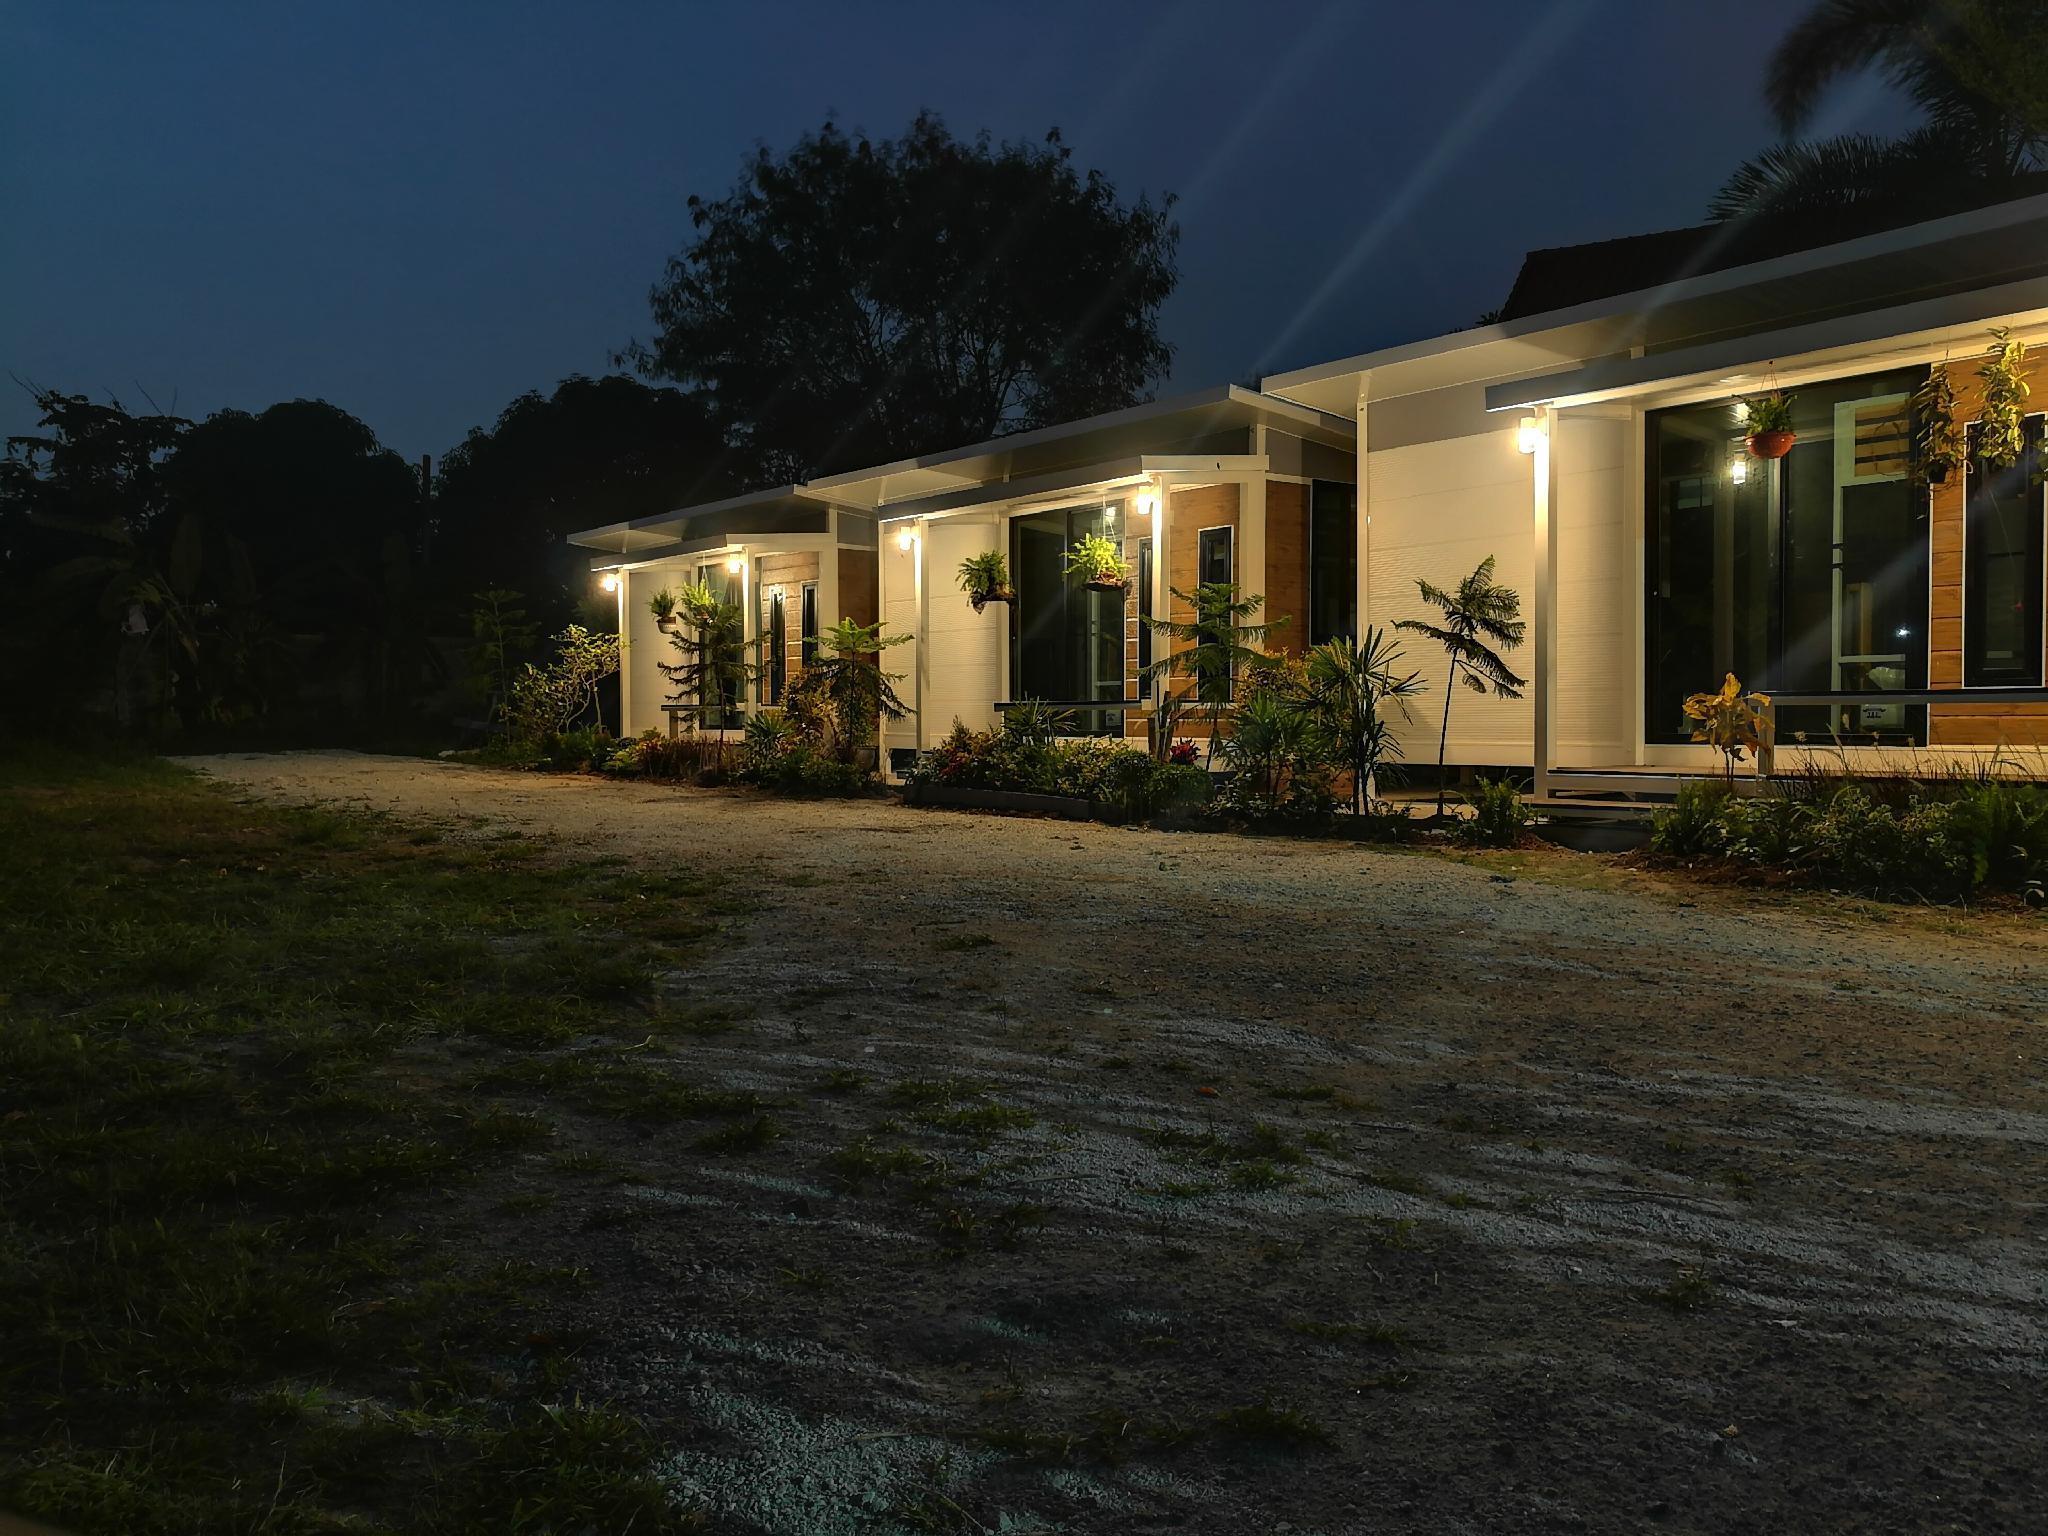 บังกะโล 1 ห้องนอน 1 ห้องน้ำส่วนตัว ขนาด 20 ตร.ม. – เมืองชลบุรี